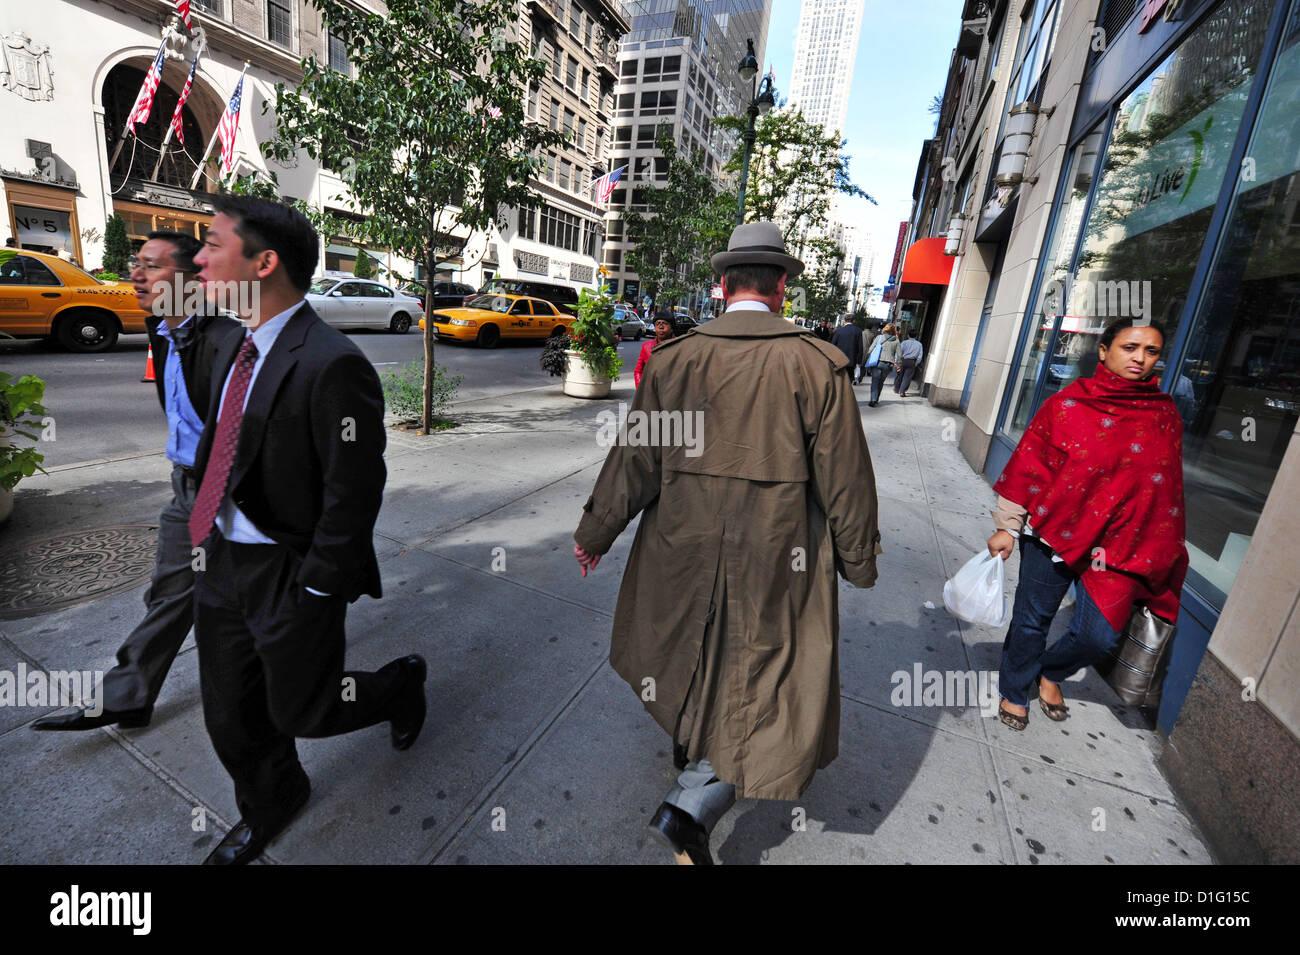 Les personnes de cultures différentes partagent le même trottoir de Manhattan New York Photo Stock